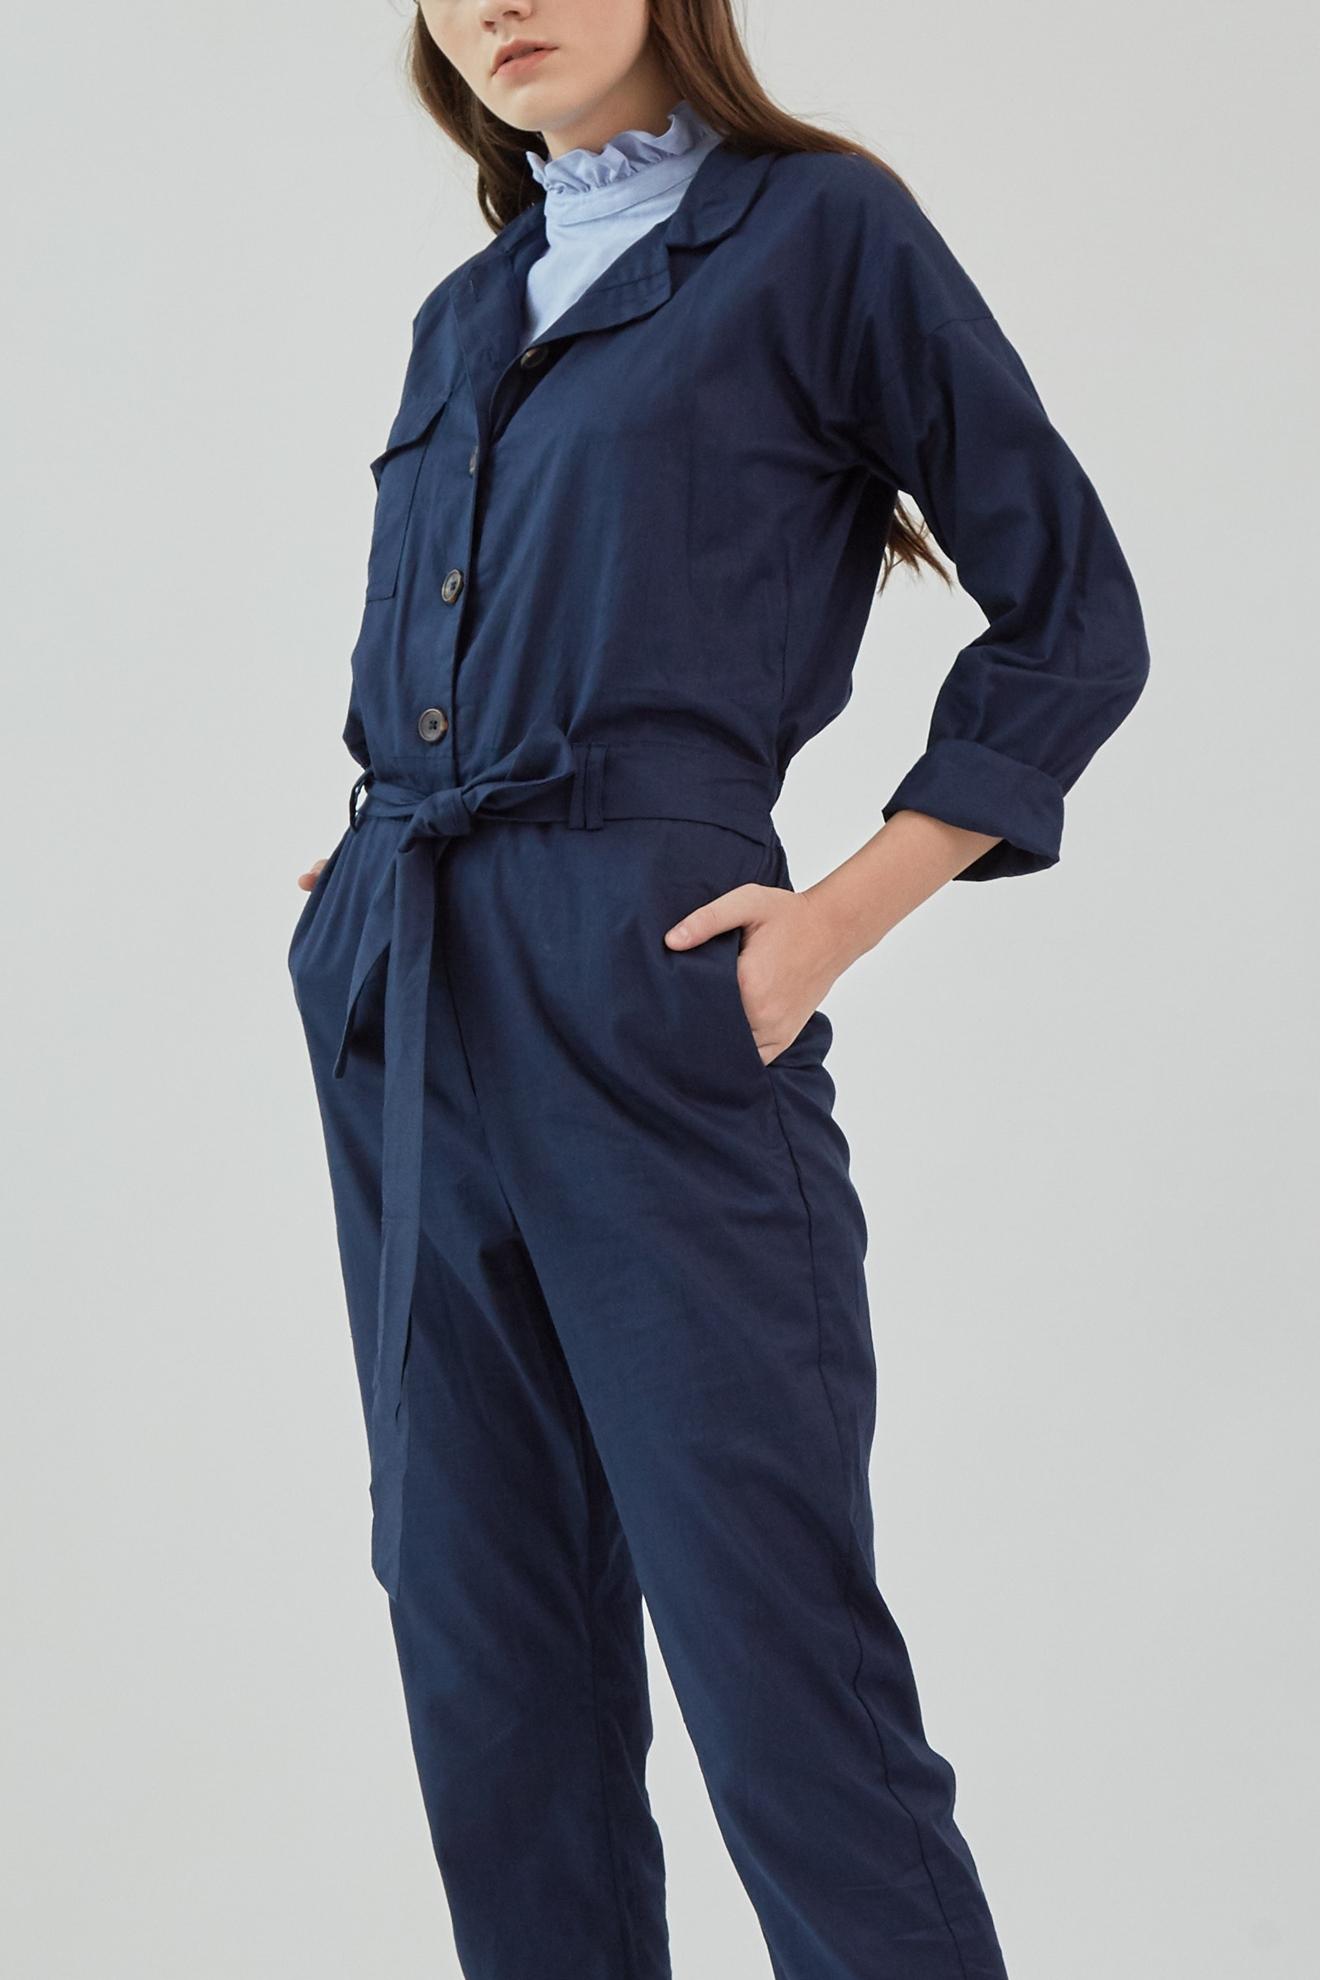 Picture of Jaxon Jumpsuit Navy